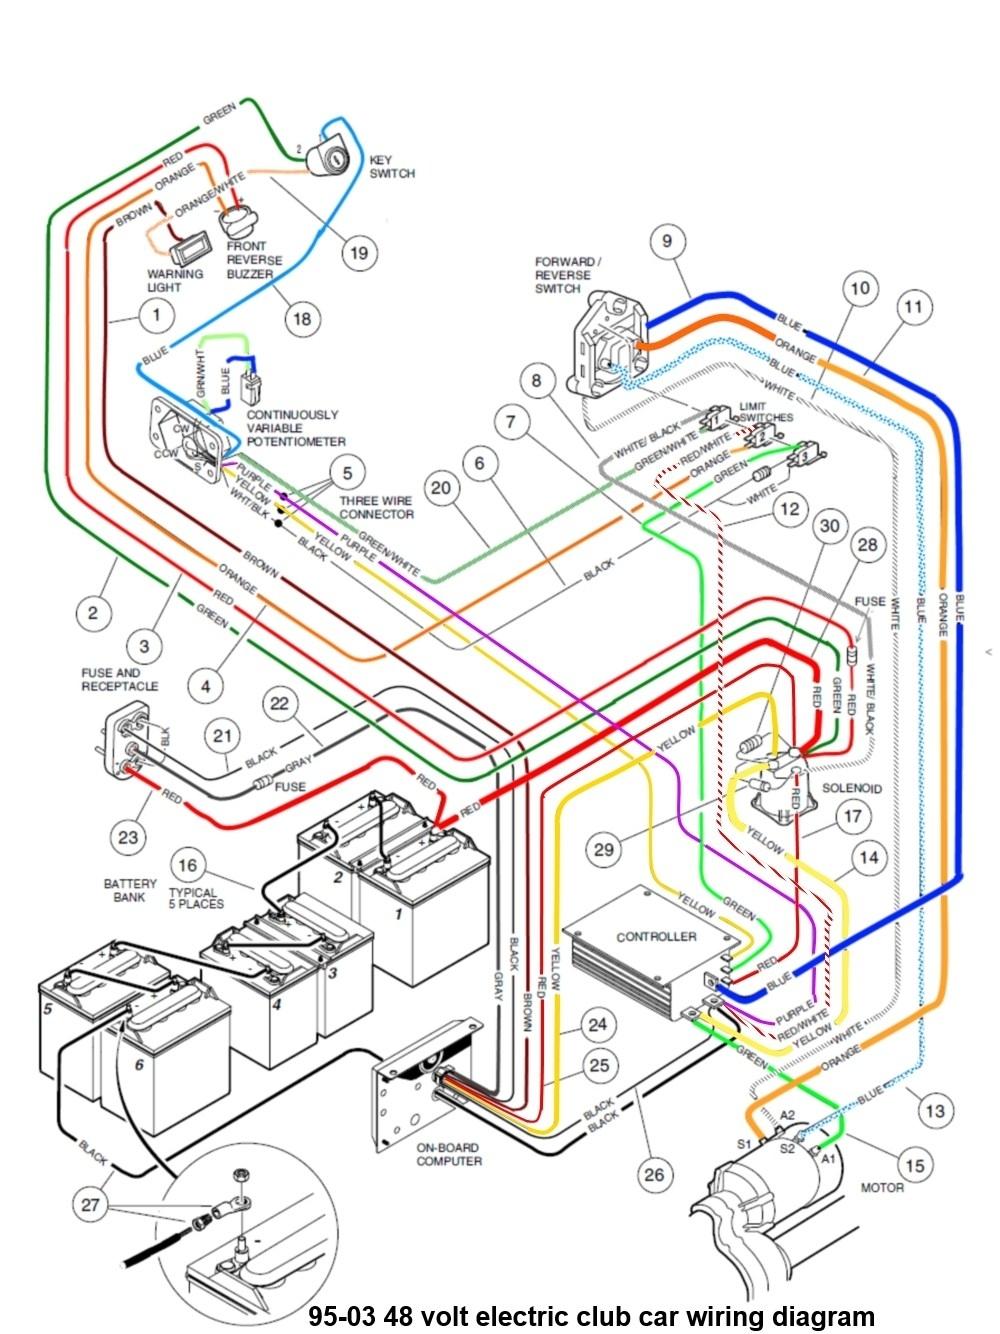 club car wiring schematic Download-club car wiring diagram Collection club car 48 volt wiring diagram Ingersoll Rand Club Car 1-e